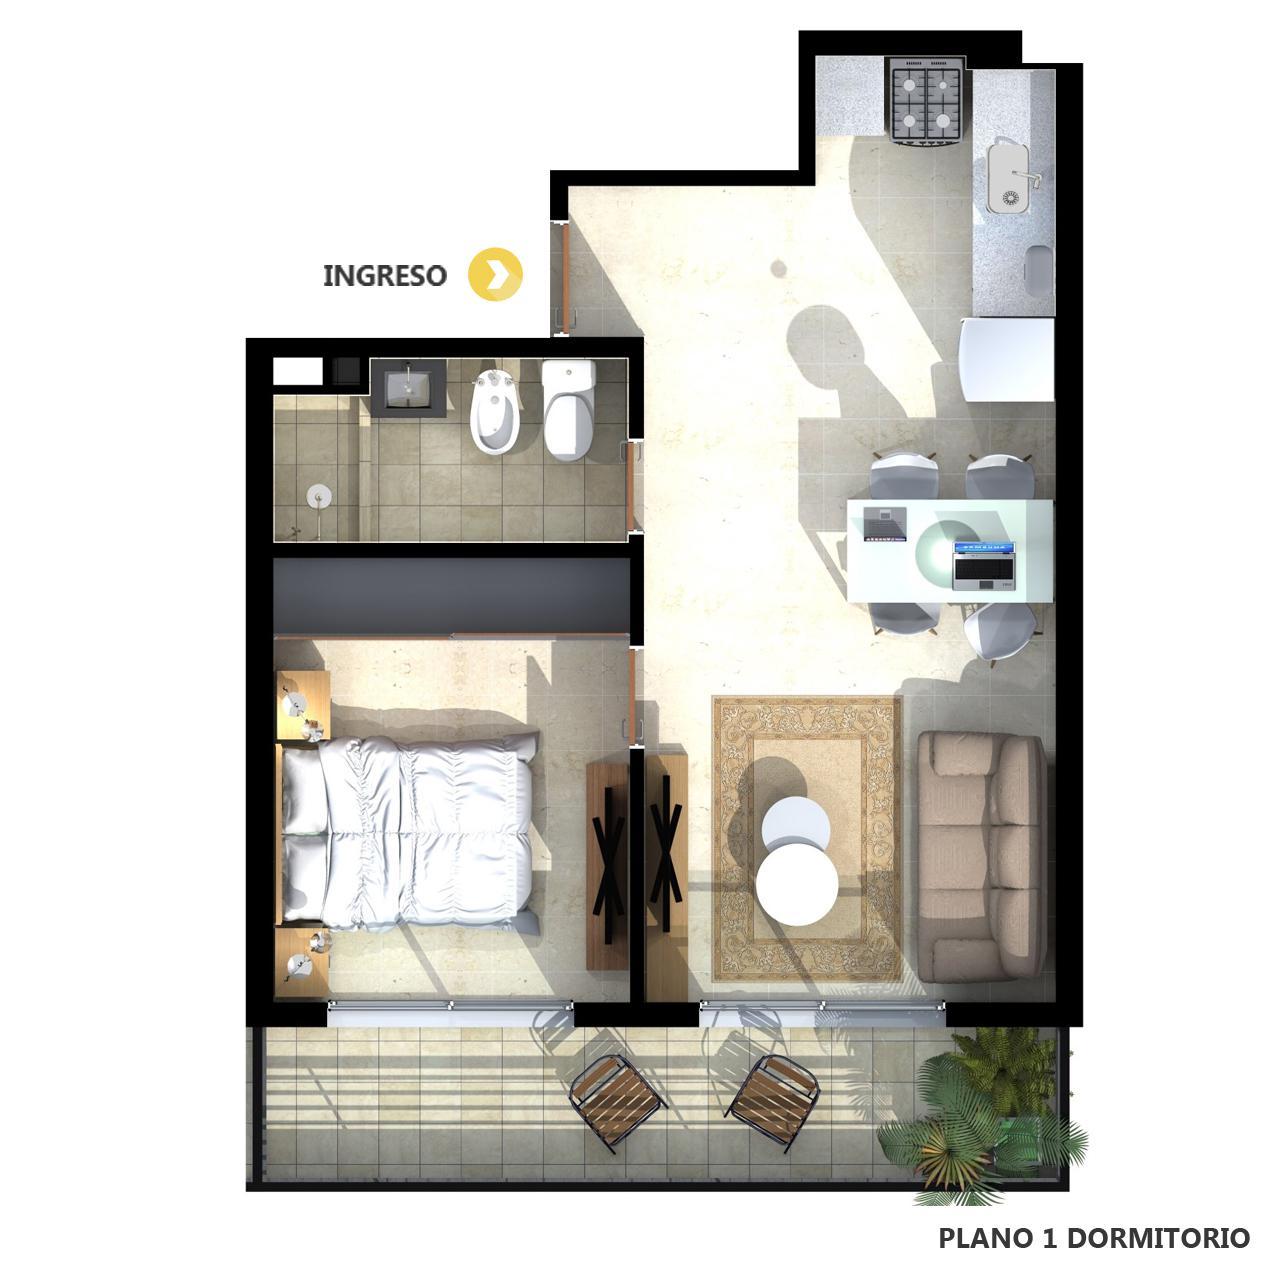 Venta departamento 1 dormitorio Rosario, Parque España. Cod CBU23332 AP2200191. Crestale Propiedades